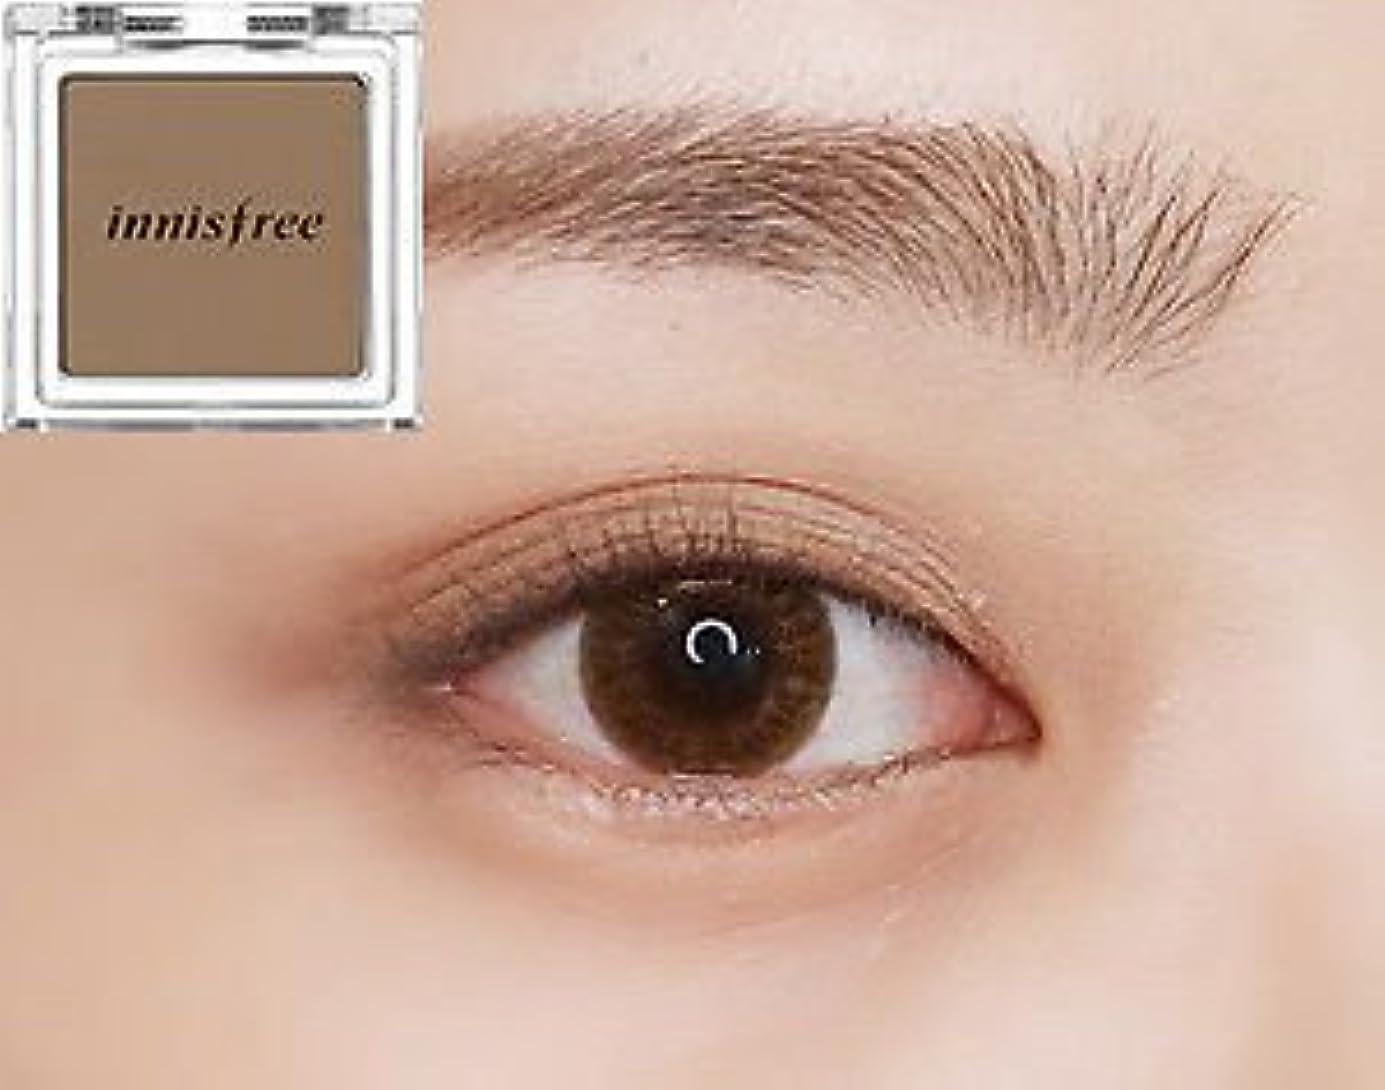 機械的に再開引き算[イニスフリー] innisfree [マイ パレット マイ アイシャドウ (マット) 40カラー] MY PALETTE My Eyeshadow (Matte) 40 Shades [海外直送品] (マット #08)